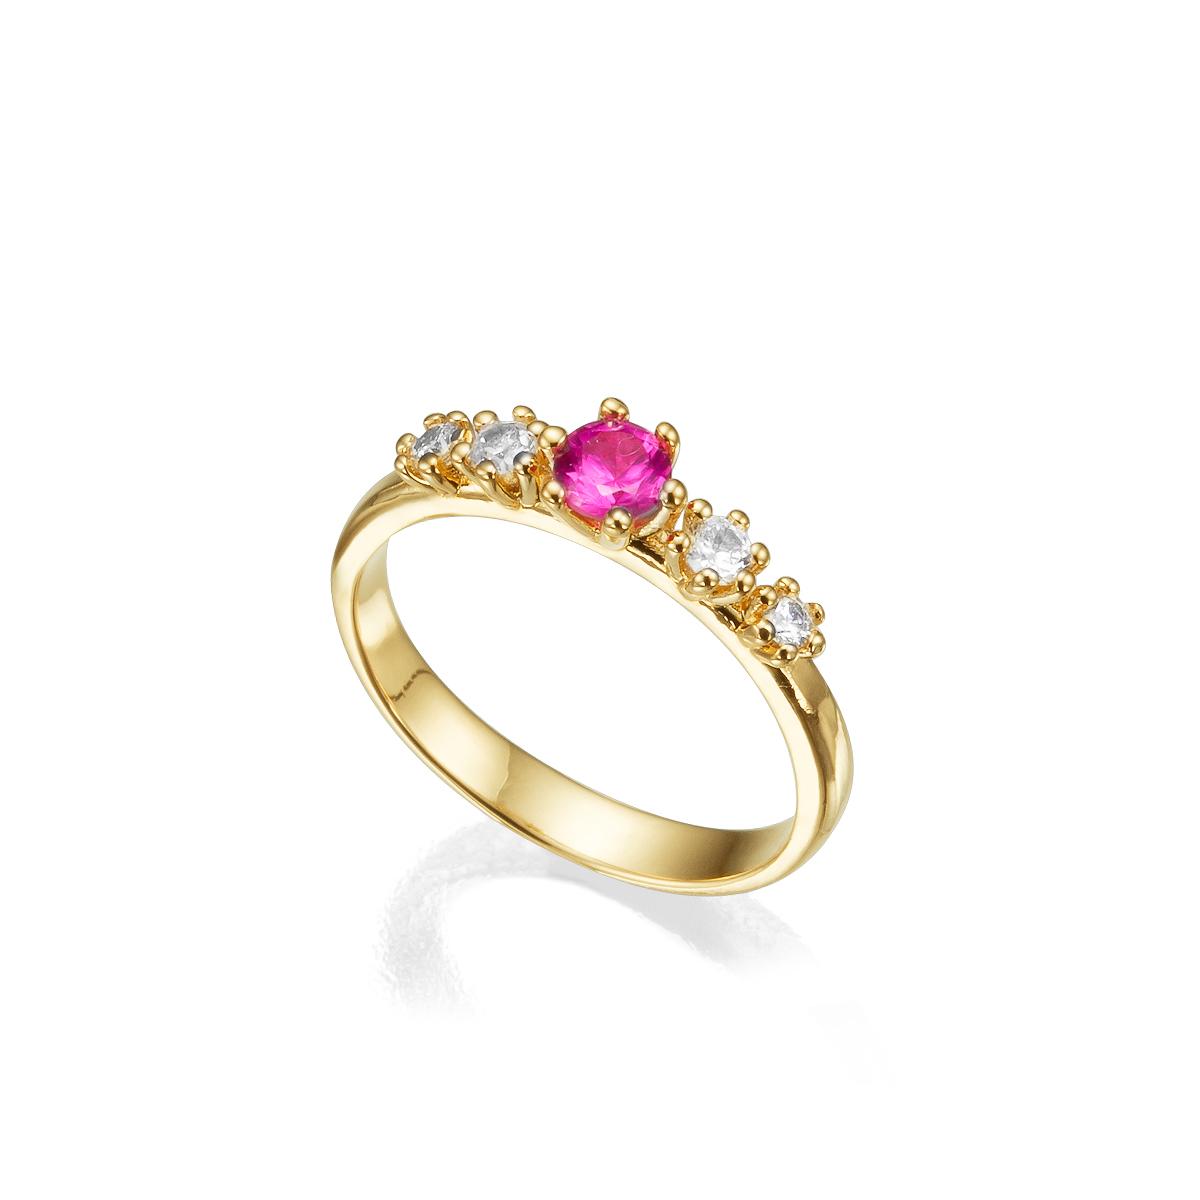 טבעת זהב משובצת טורמלין ויהלומים בשיבוץ שיניים